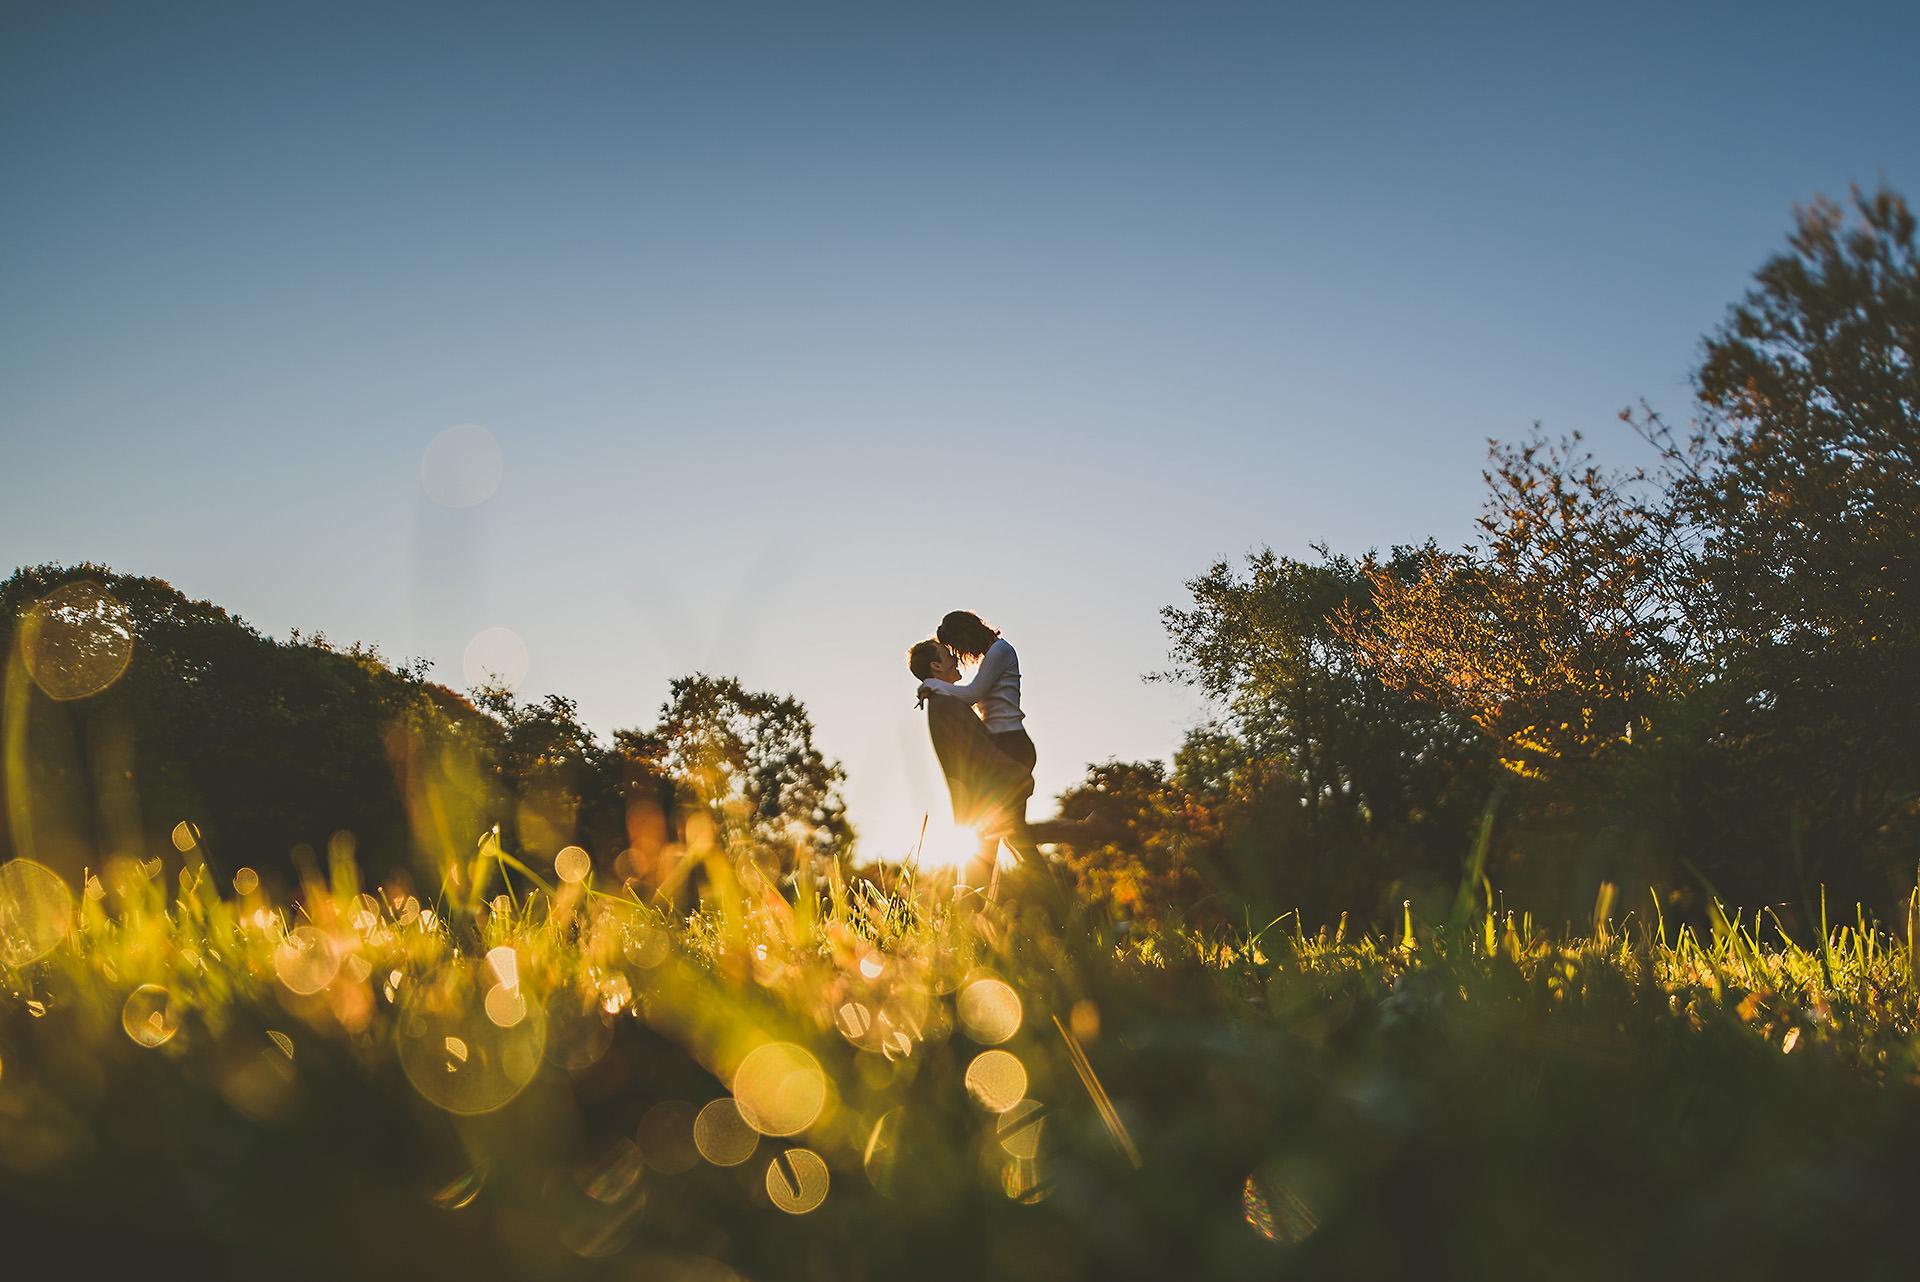 Arnold Arboretum sunrise engagement